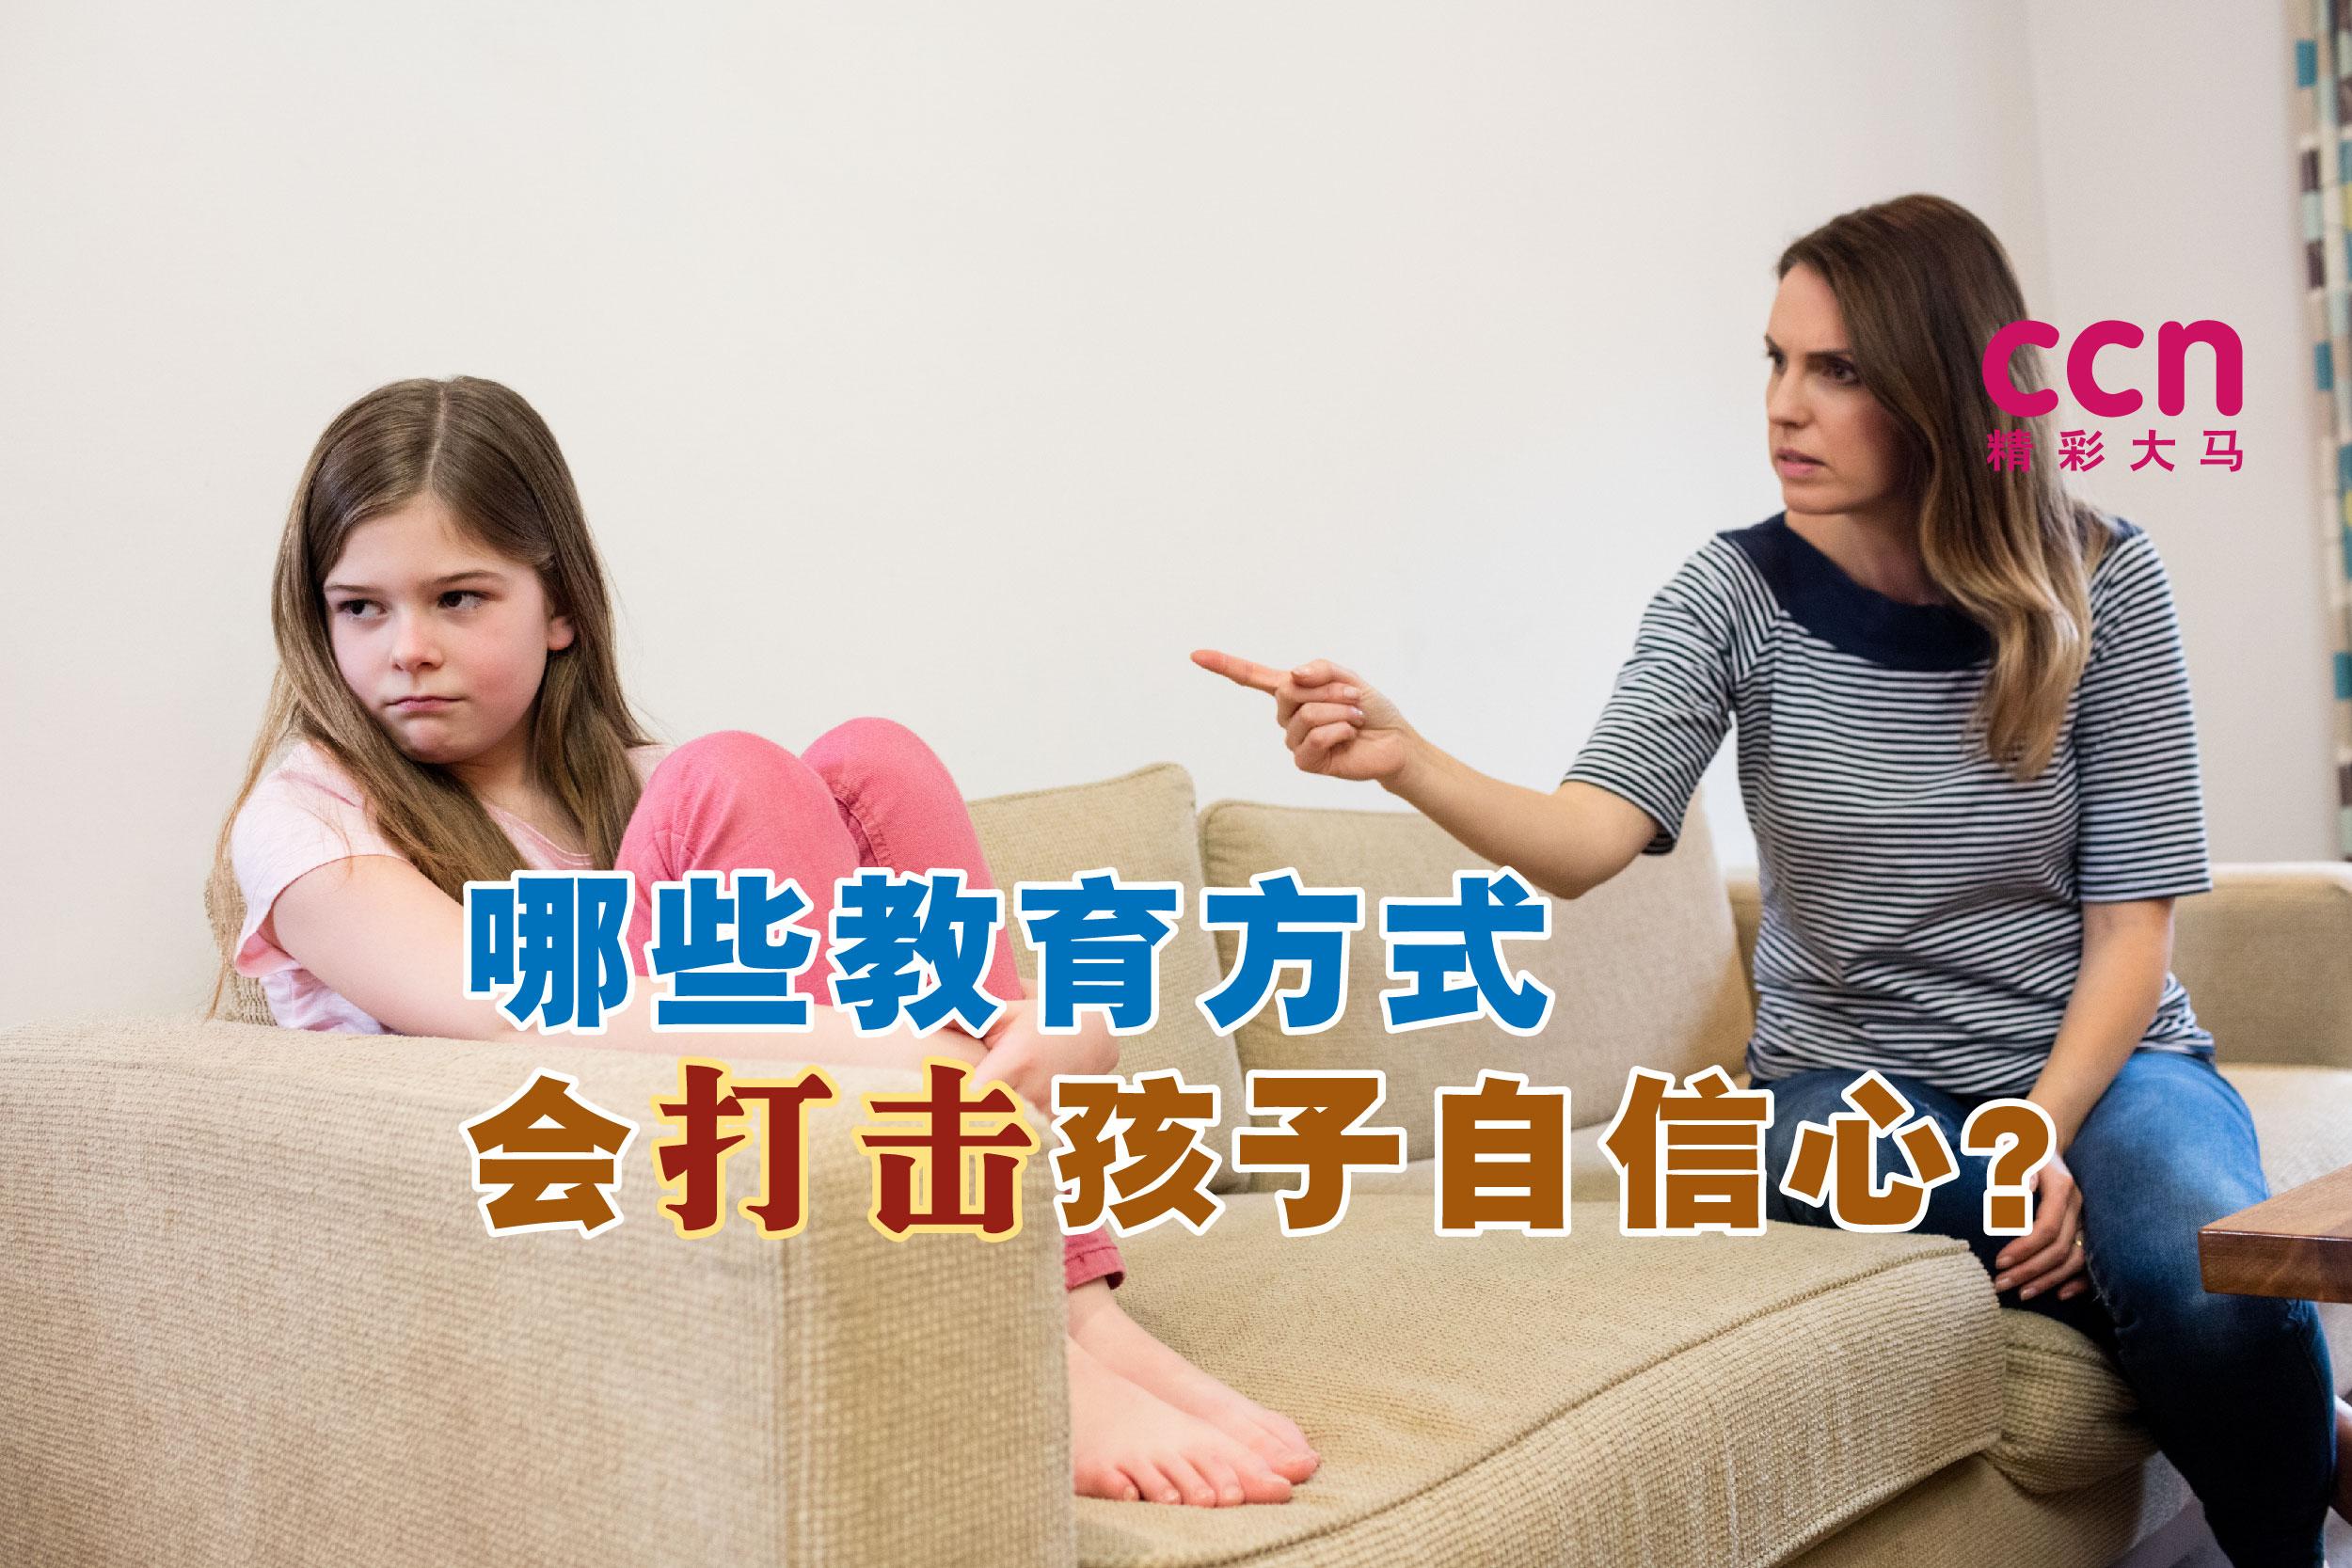 常常否定孩子的父母会让孩子觉得自己一无是处,这也会让孩子与父母之间产生疏离感。-图取自freepik/精彩大马制图-